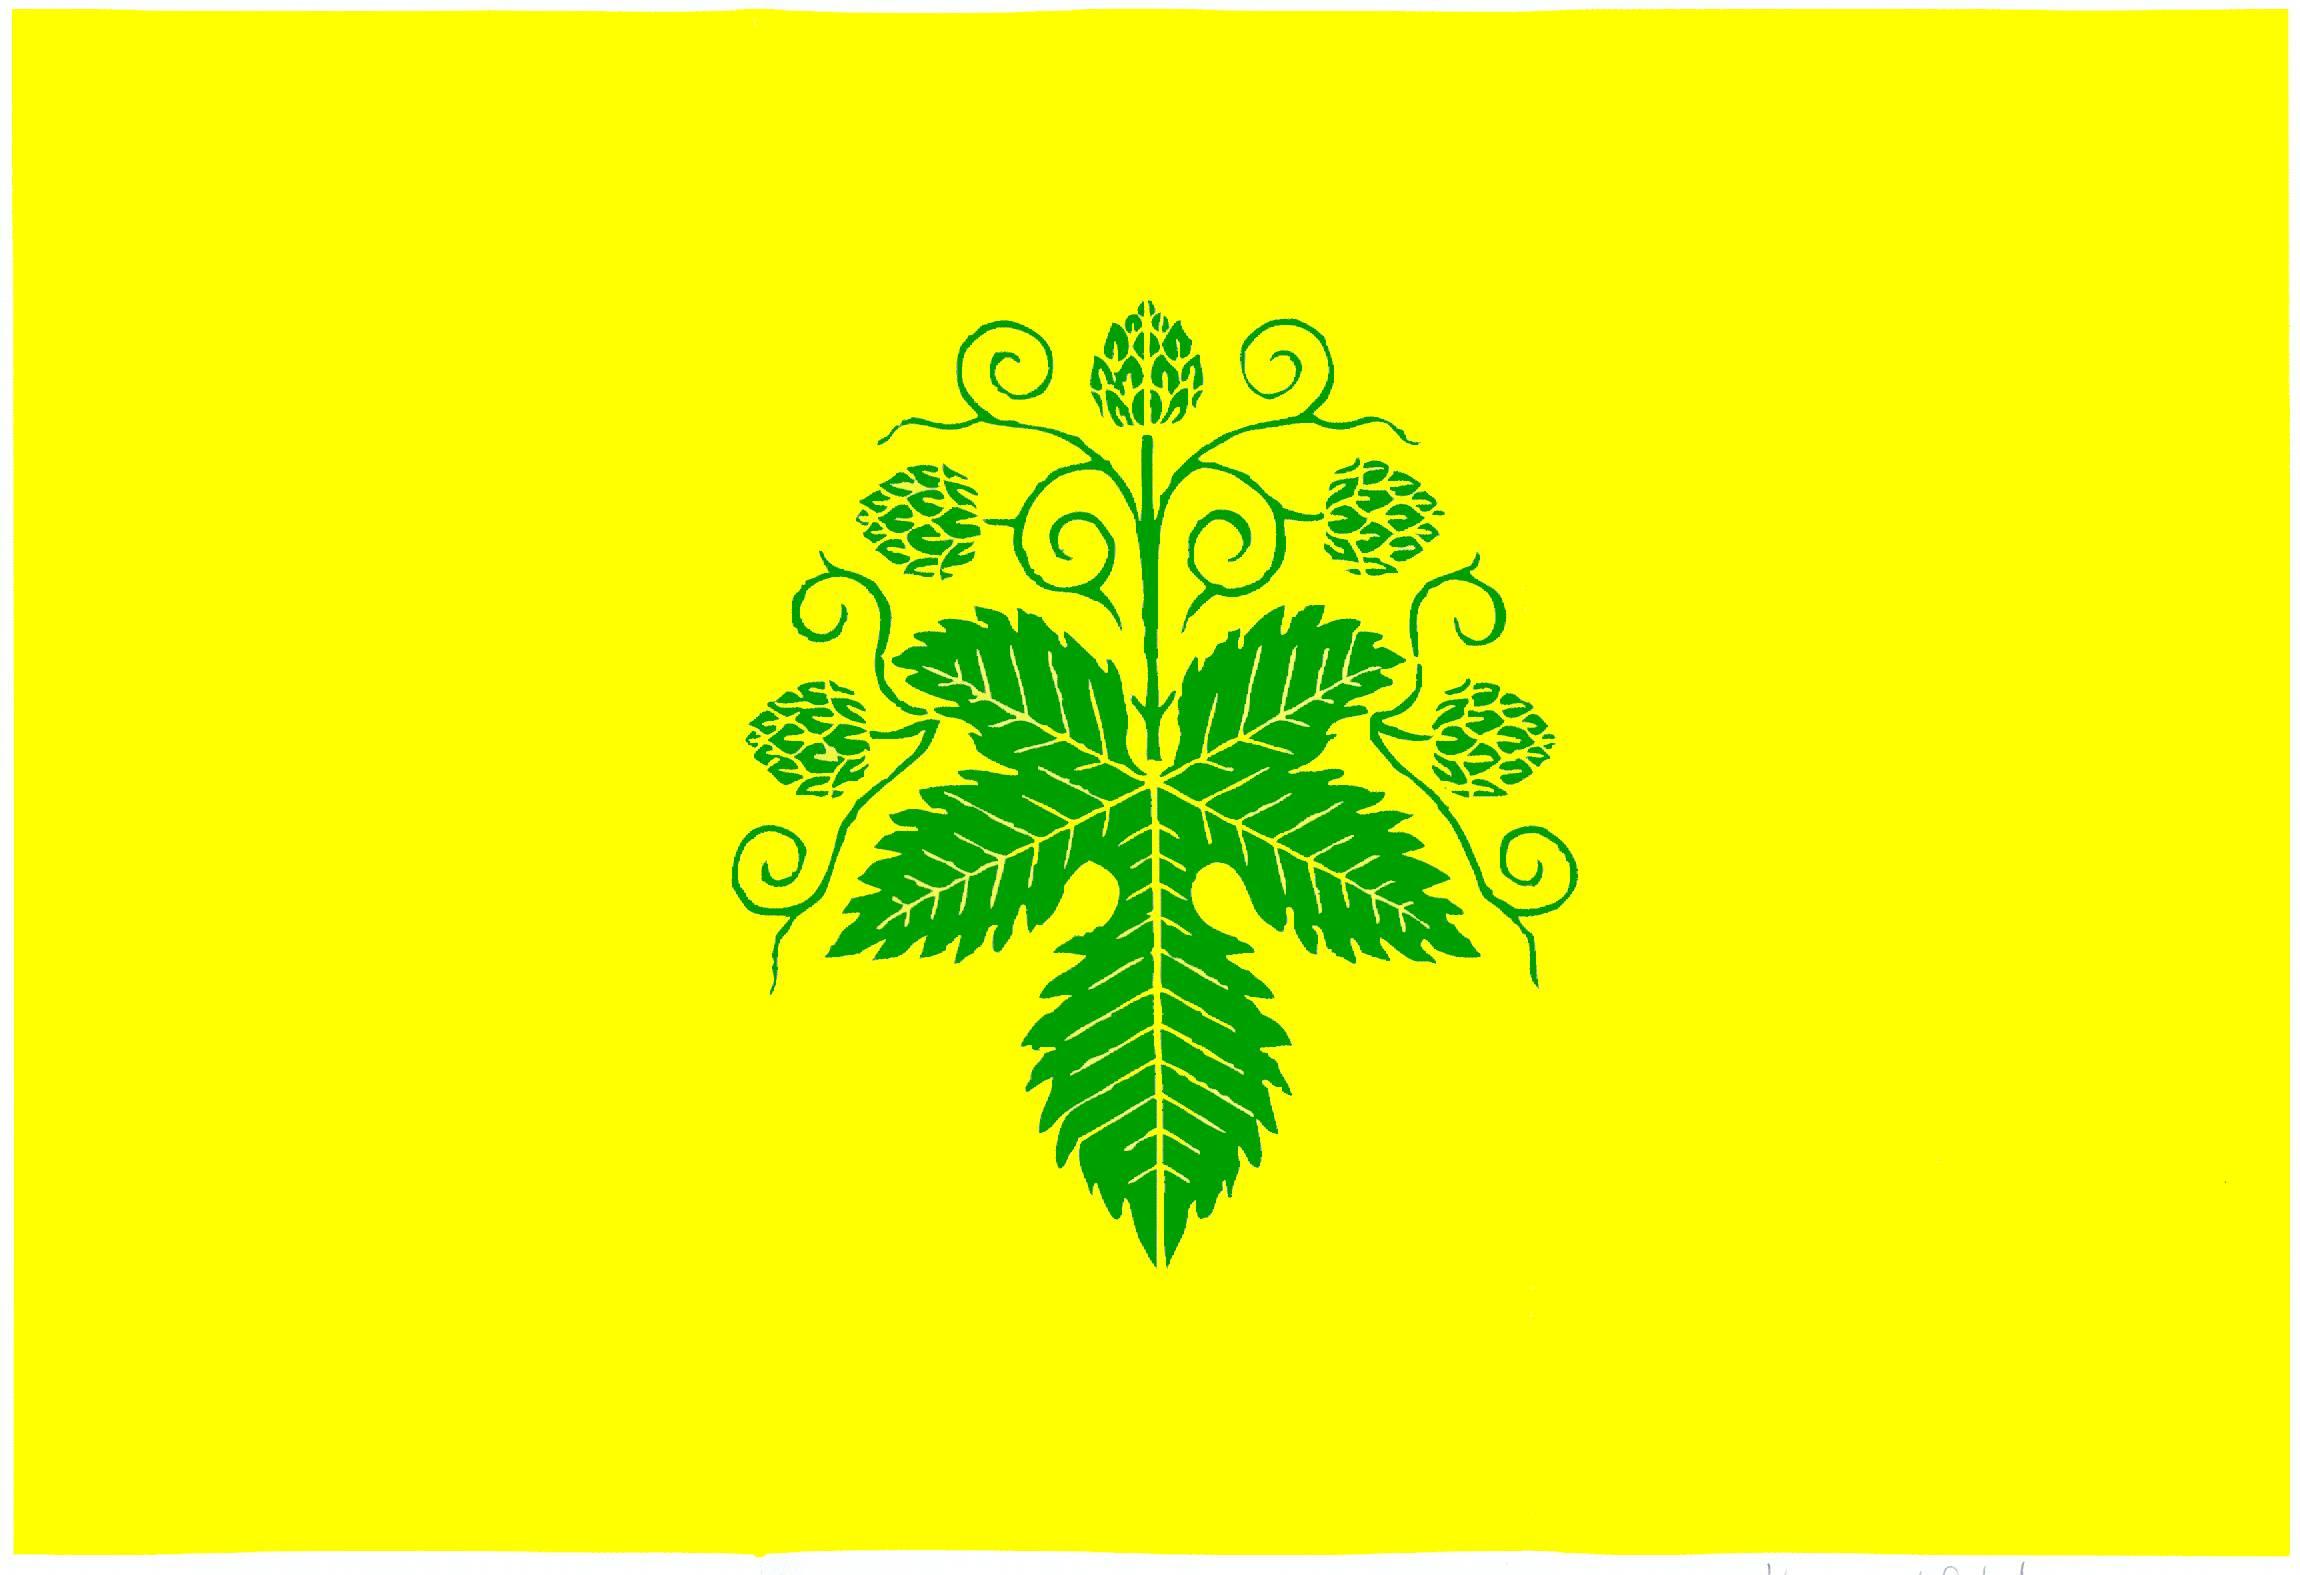 Flagge GemeindeHummelfeld, Kreis Rendsburg-Eckernförde